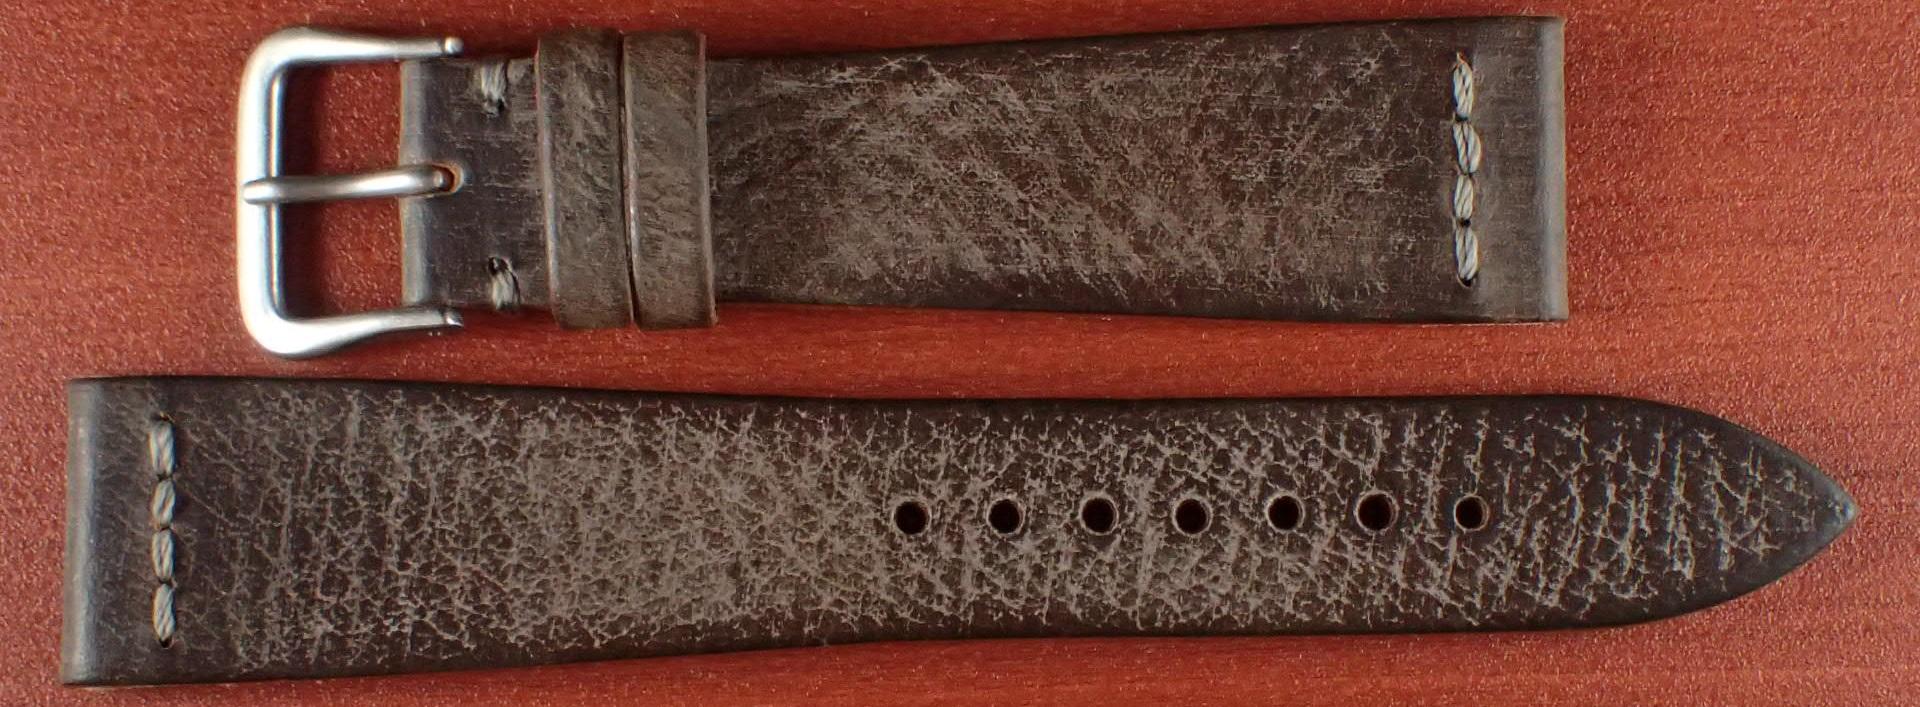 ブライドルレザーベルト ラ・ペルラ・アッズーラ アラスカ 一文字ステッチ ダークブラウン 18、20mm